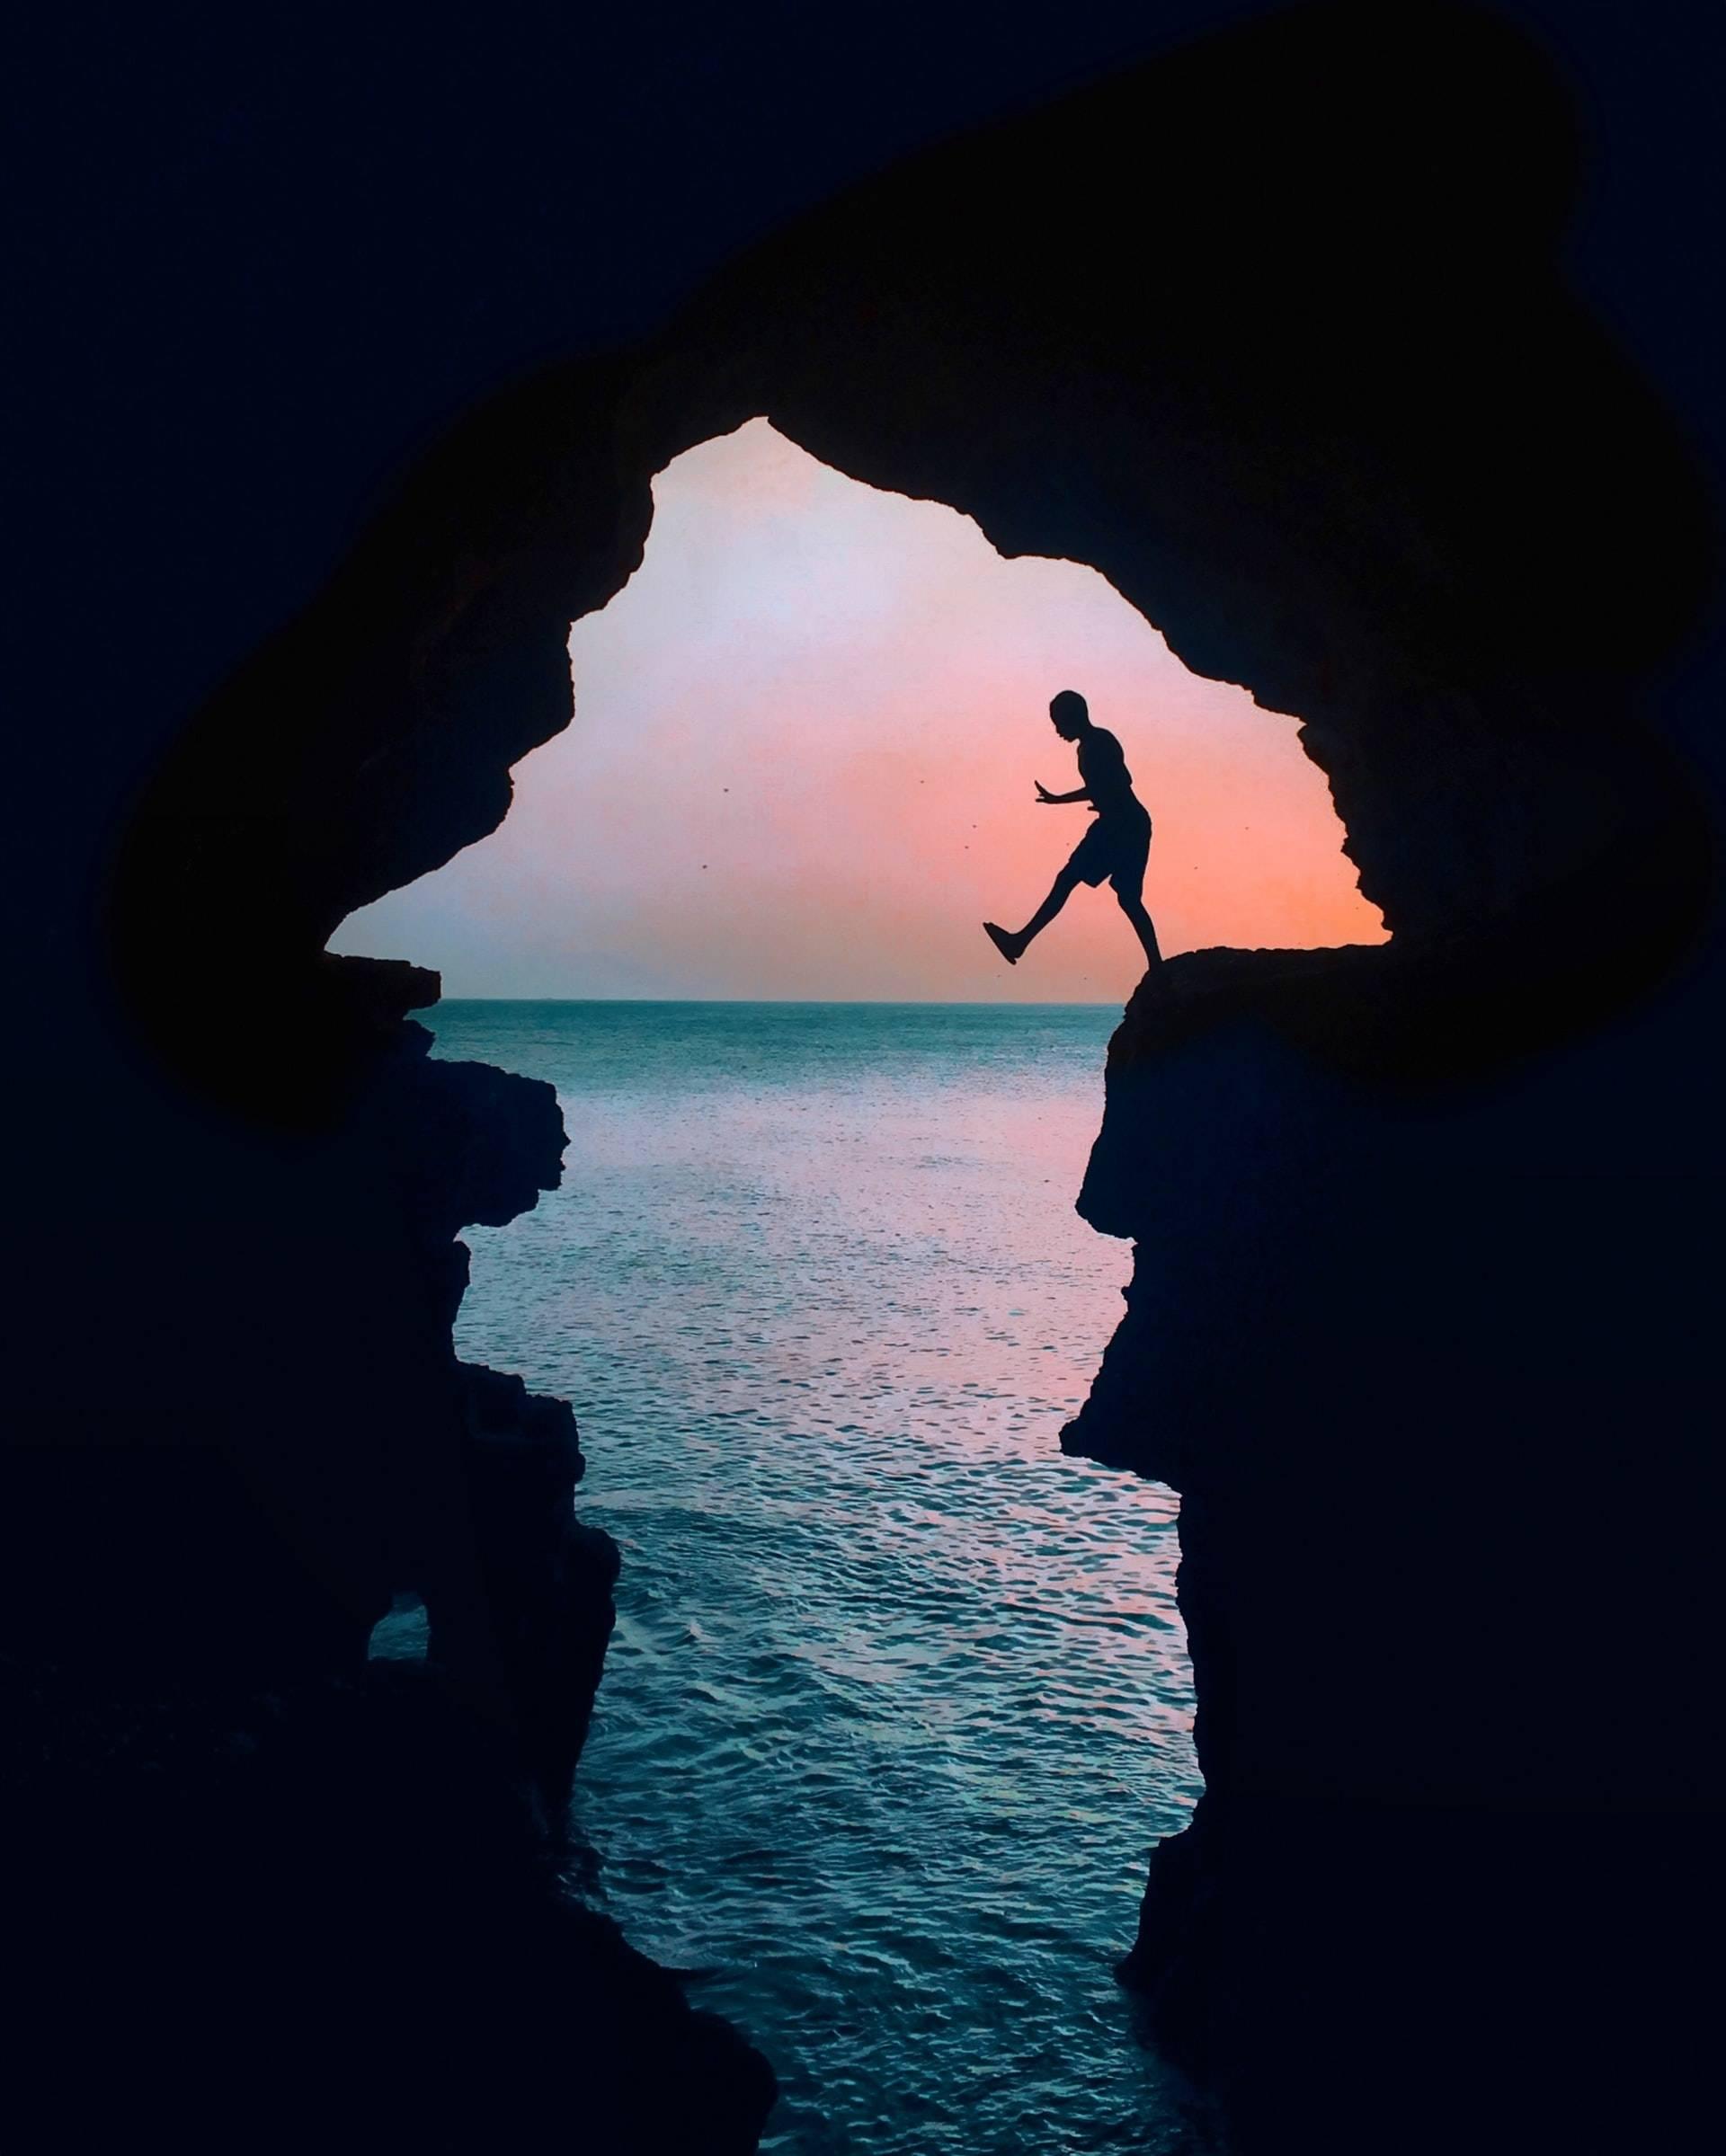 La grotta di Ercole, un sito a Tangeri da visitare con il nostro tour del deserto di 9 giorni in Marocco